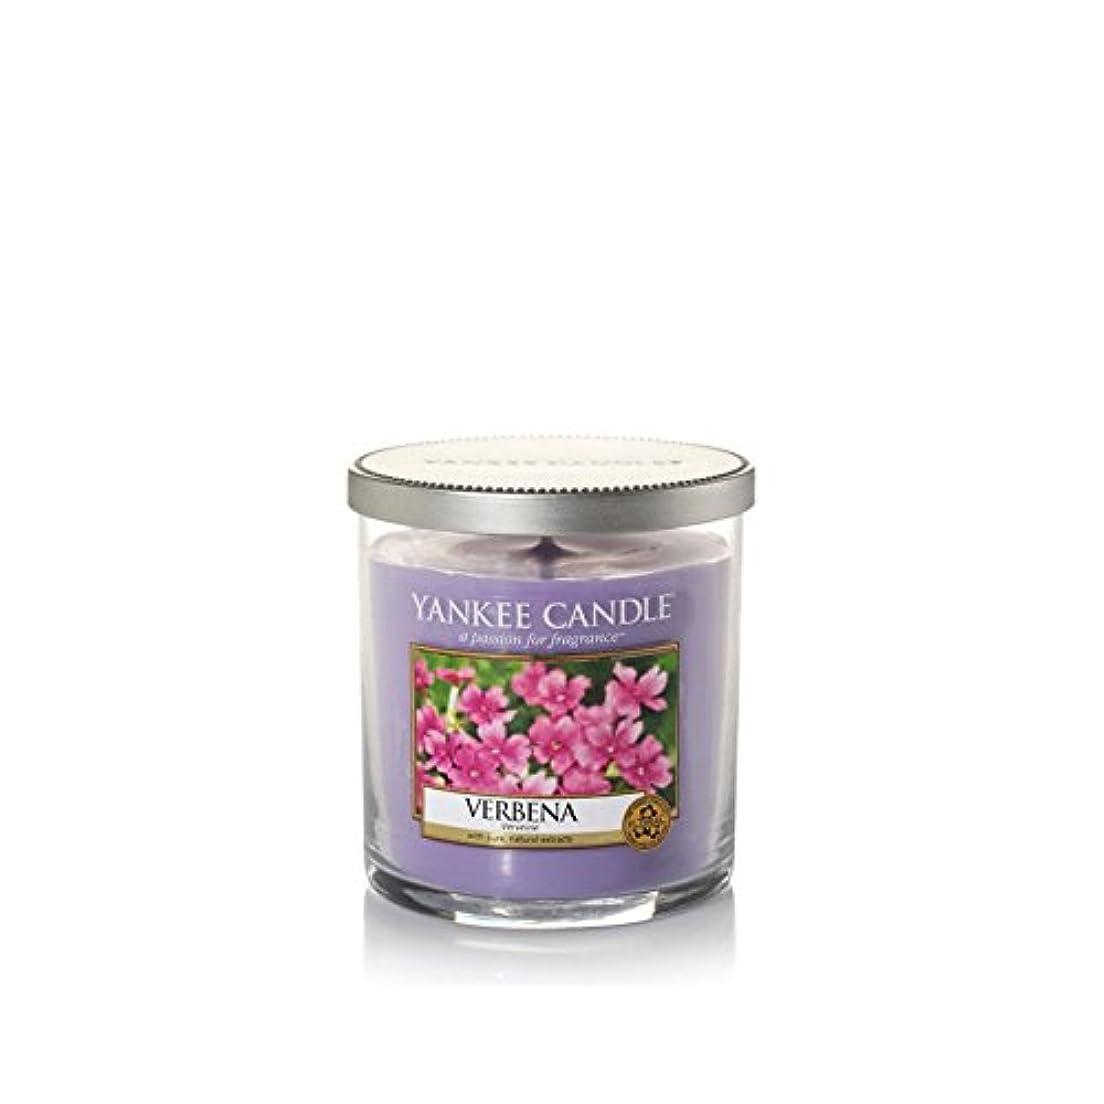 争い協定野心的Yankee Candles Small Pillar Candle - Verbena (Pack of 2) - ヤンキーキャンドルの小さな柱キャンドル - バーベナ (x2) [並行輸入品]